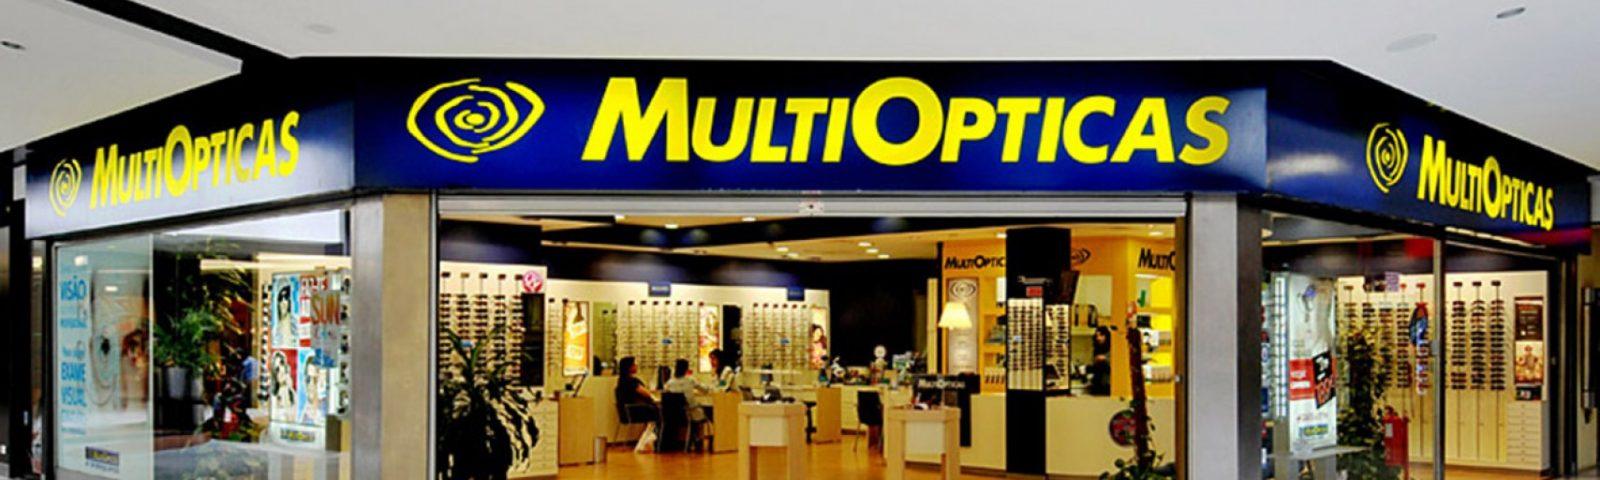 MultiOpticas estabelece parceria com a Jerónimo Martins